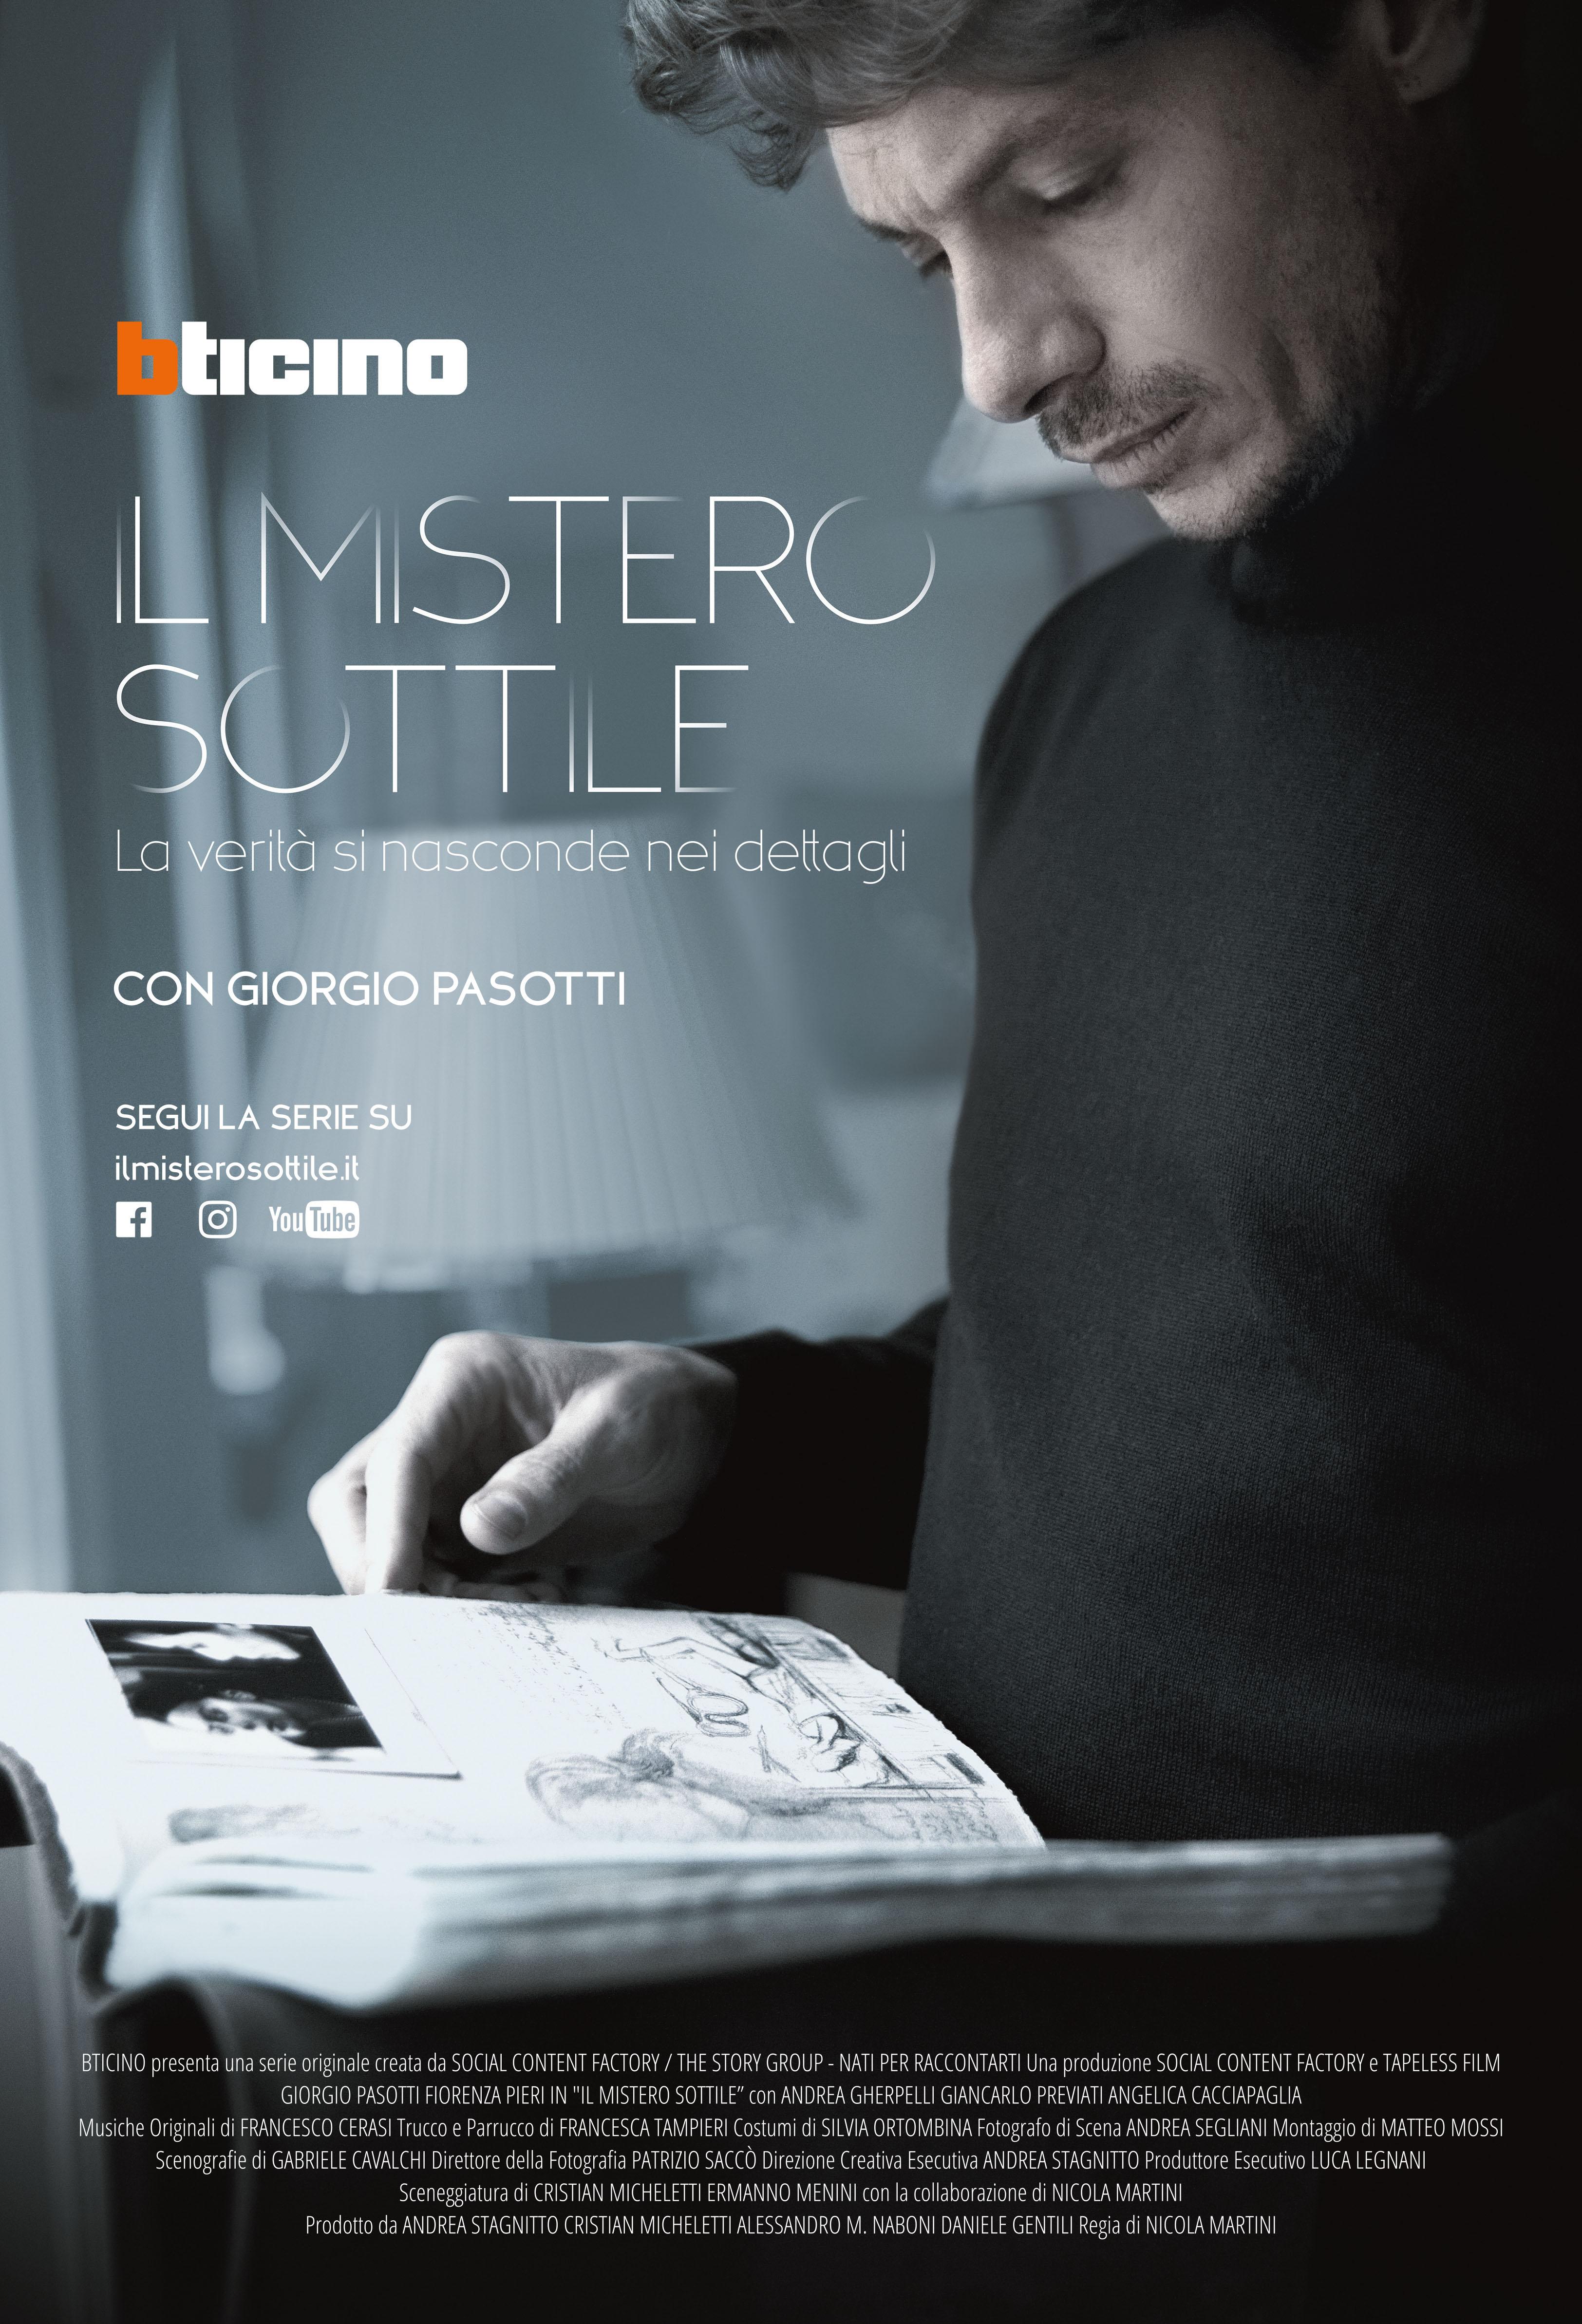 BTicino_IlMisteroSottile_manifesto_Corsera